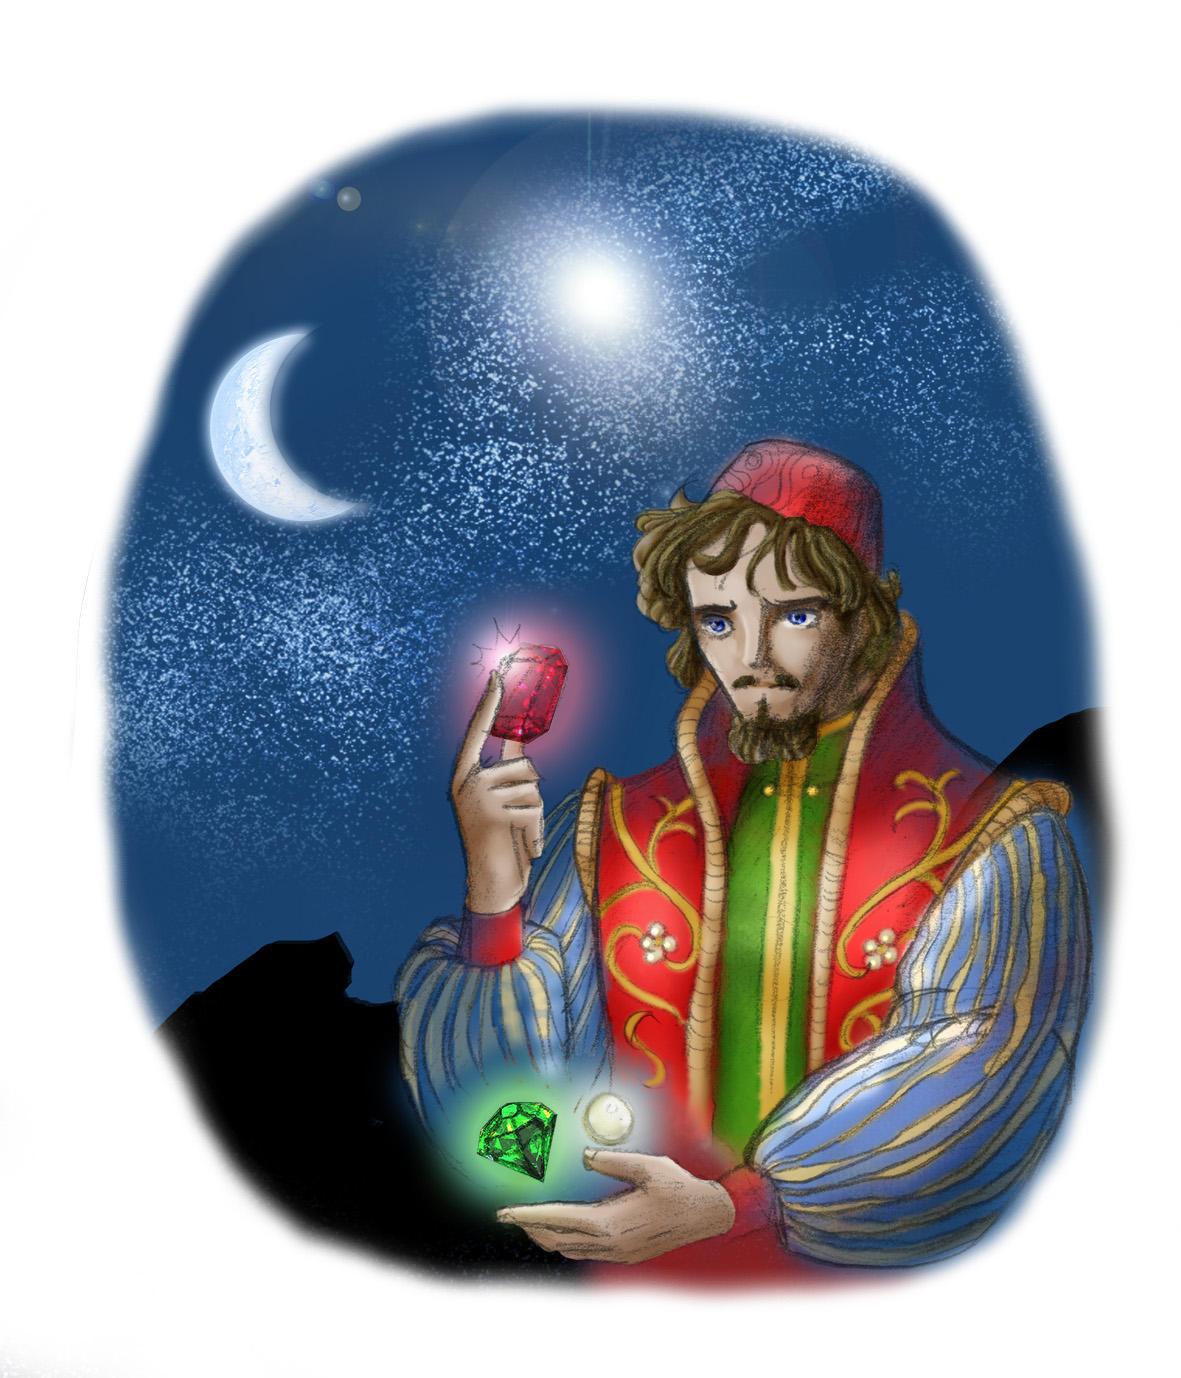 La leyenda del cuarto rey mago artab n la esencia for El cuarto rey mago